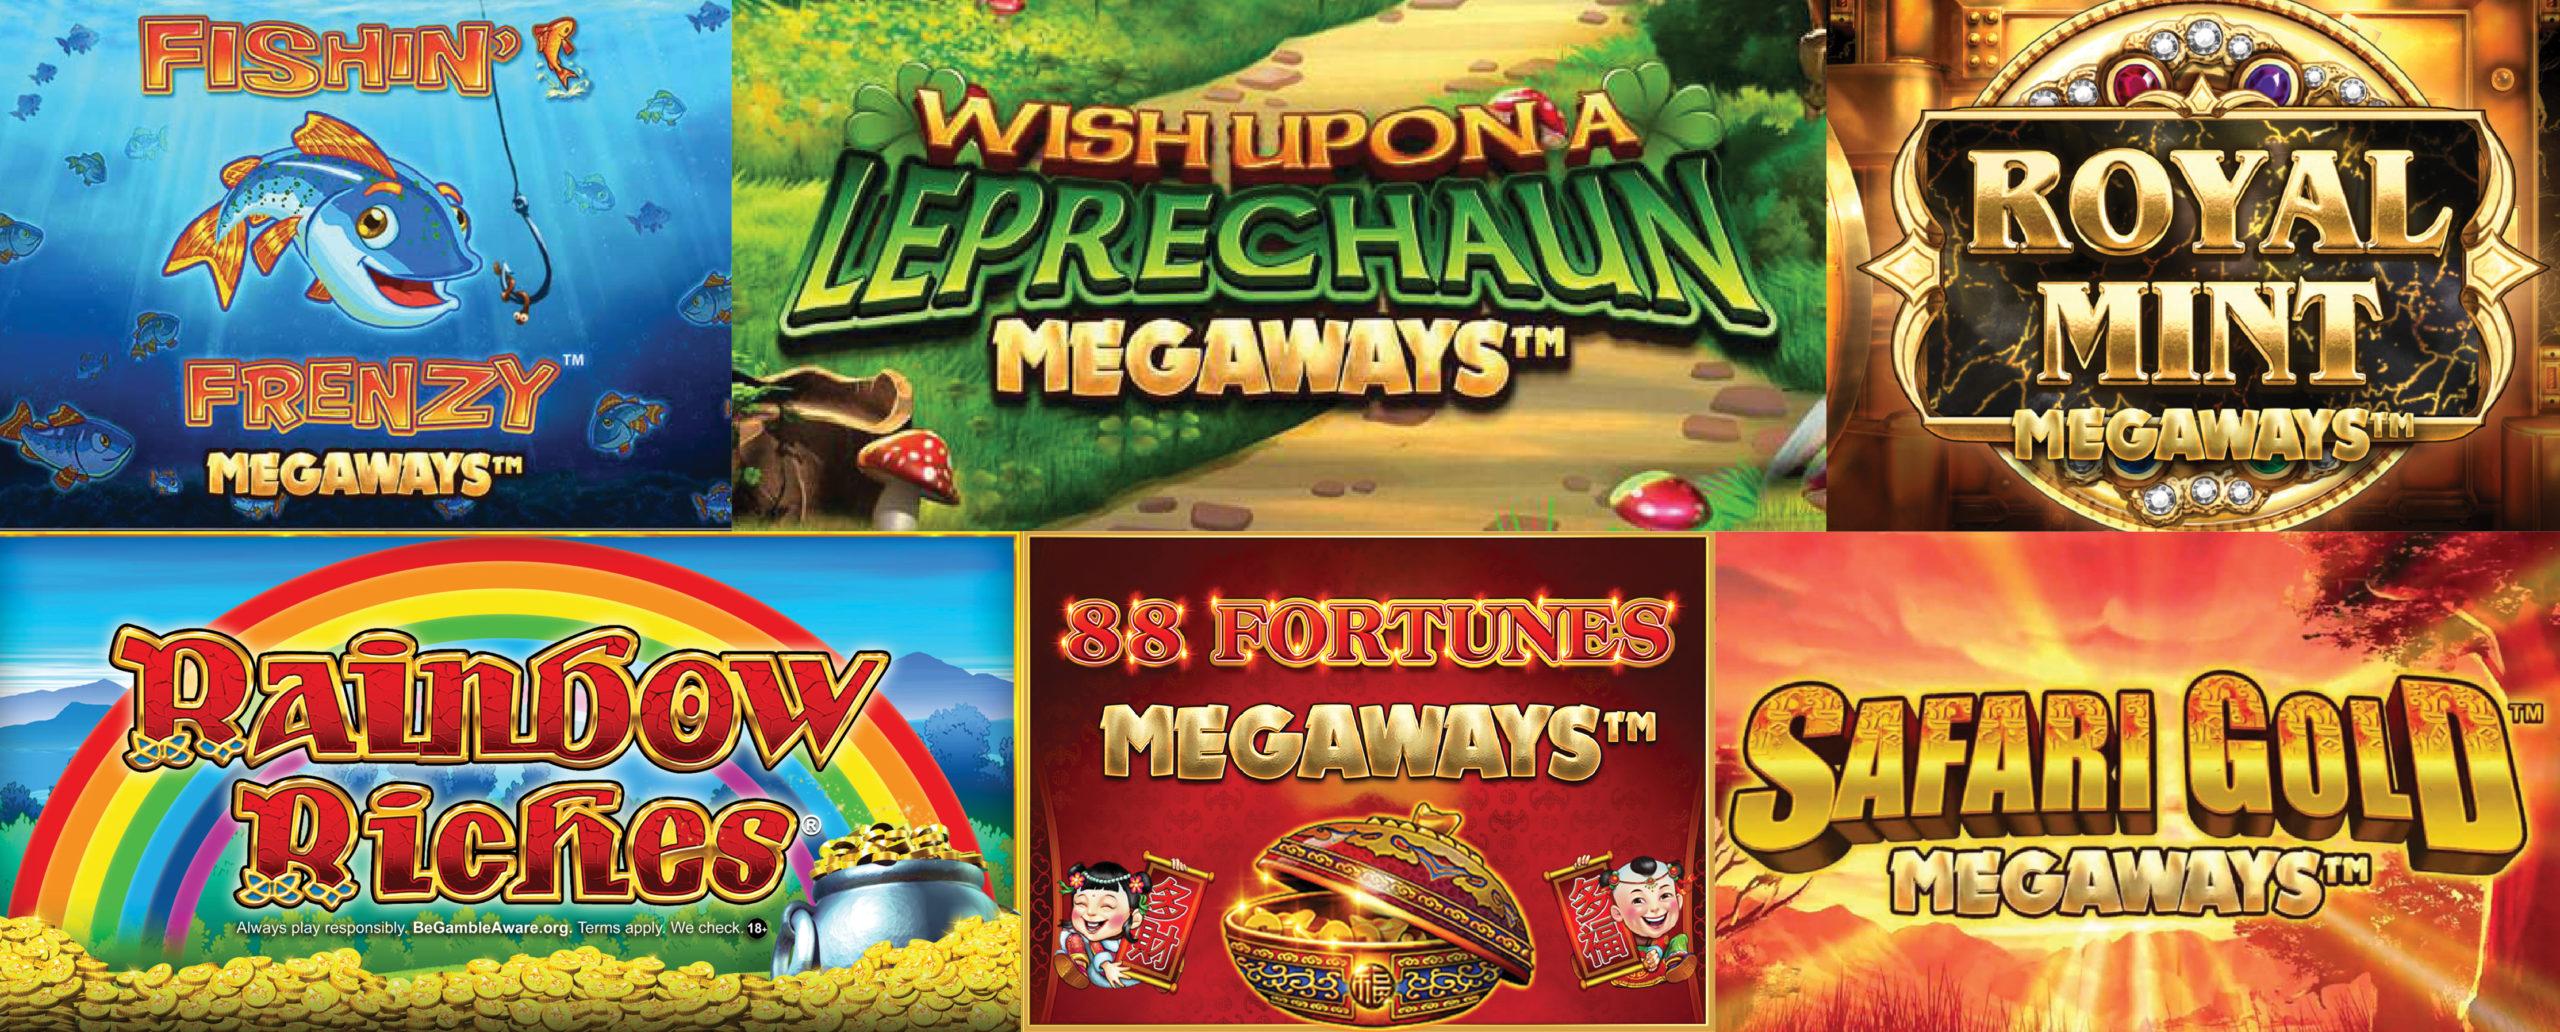 Megaways online slot games